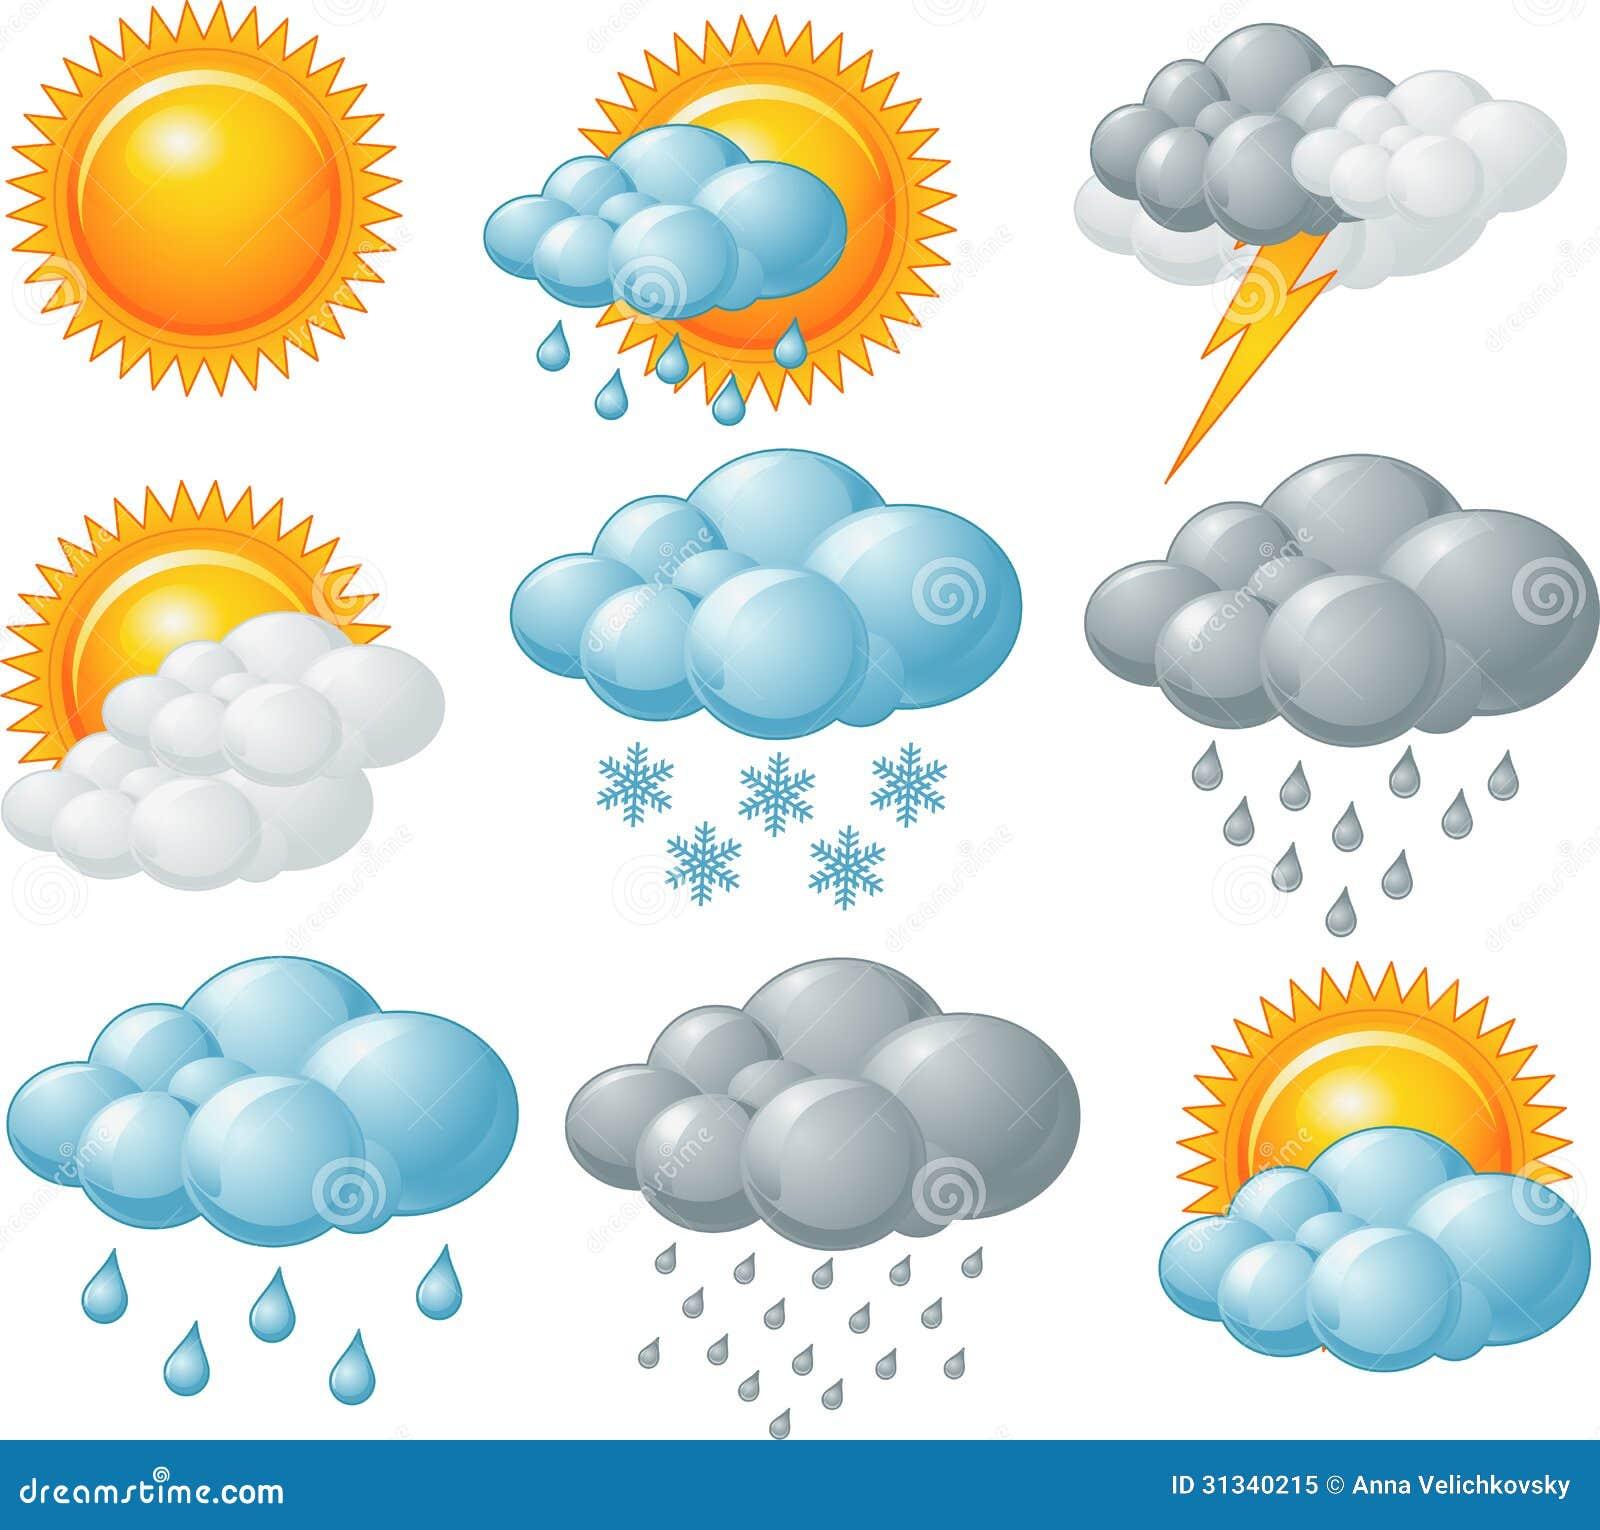 Vädersymboler Royaltyfri Foto - Bild: 31340215